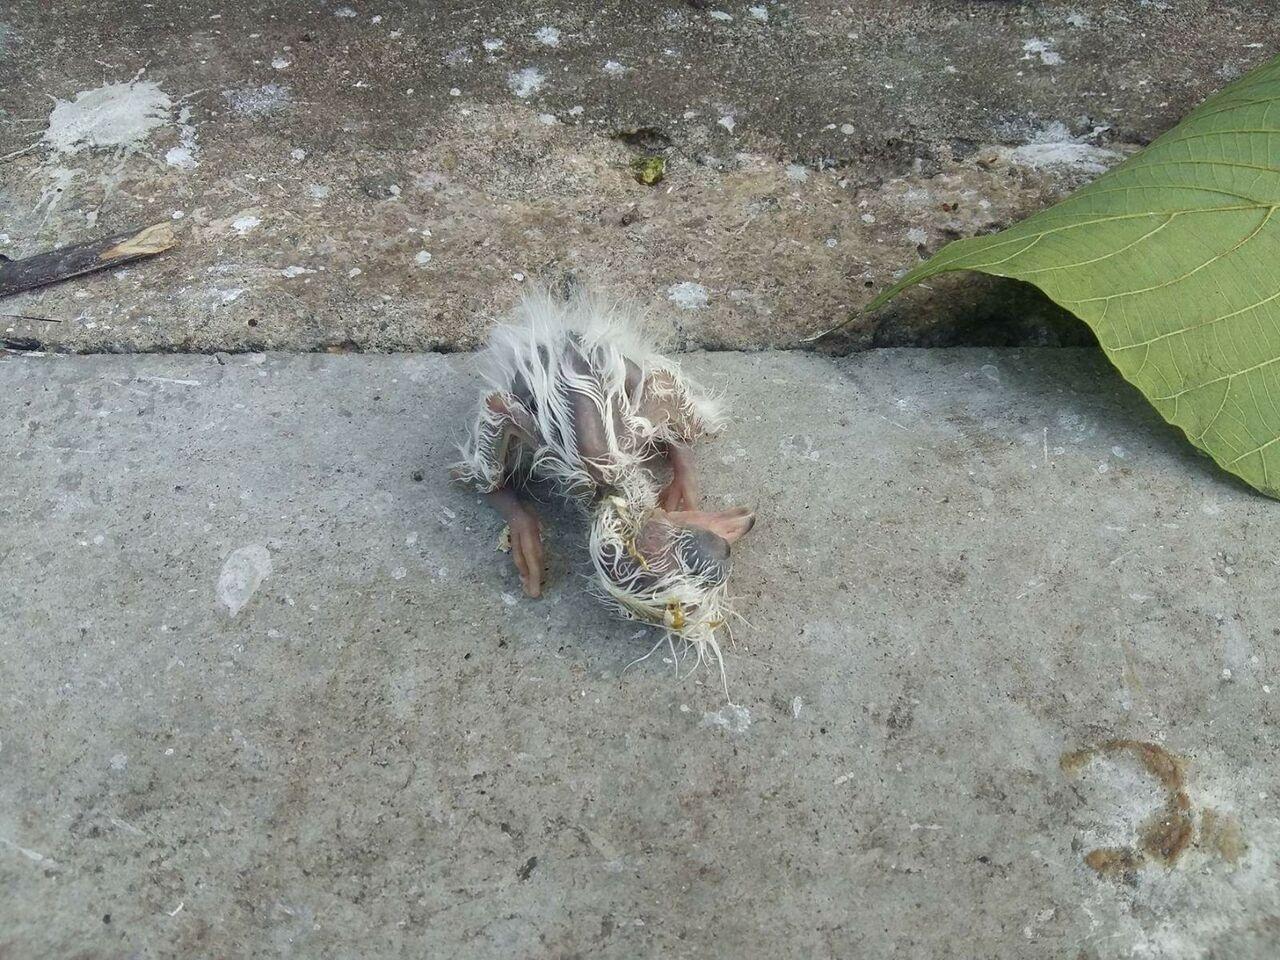 有市民發現大埔鷺鳥林今午進行斬樹時,令多隻鷺鳥雛鳥跌落,於地上奄奄一息。(大埔街坊提供)